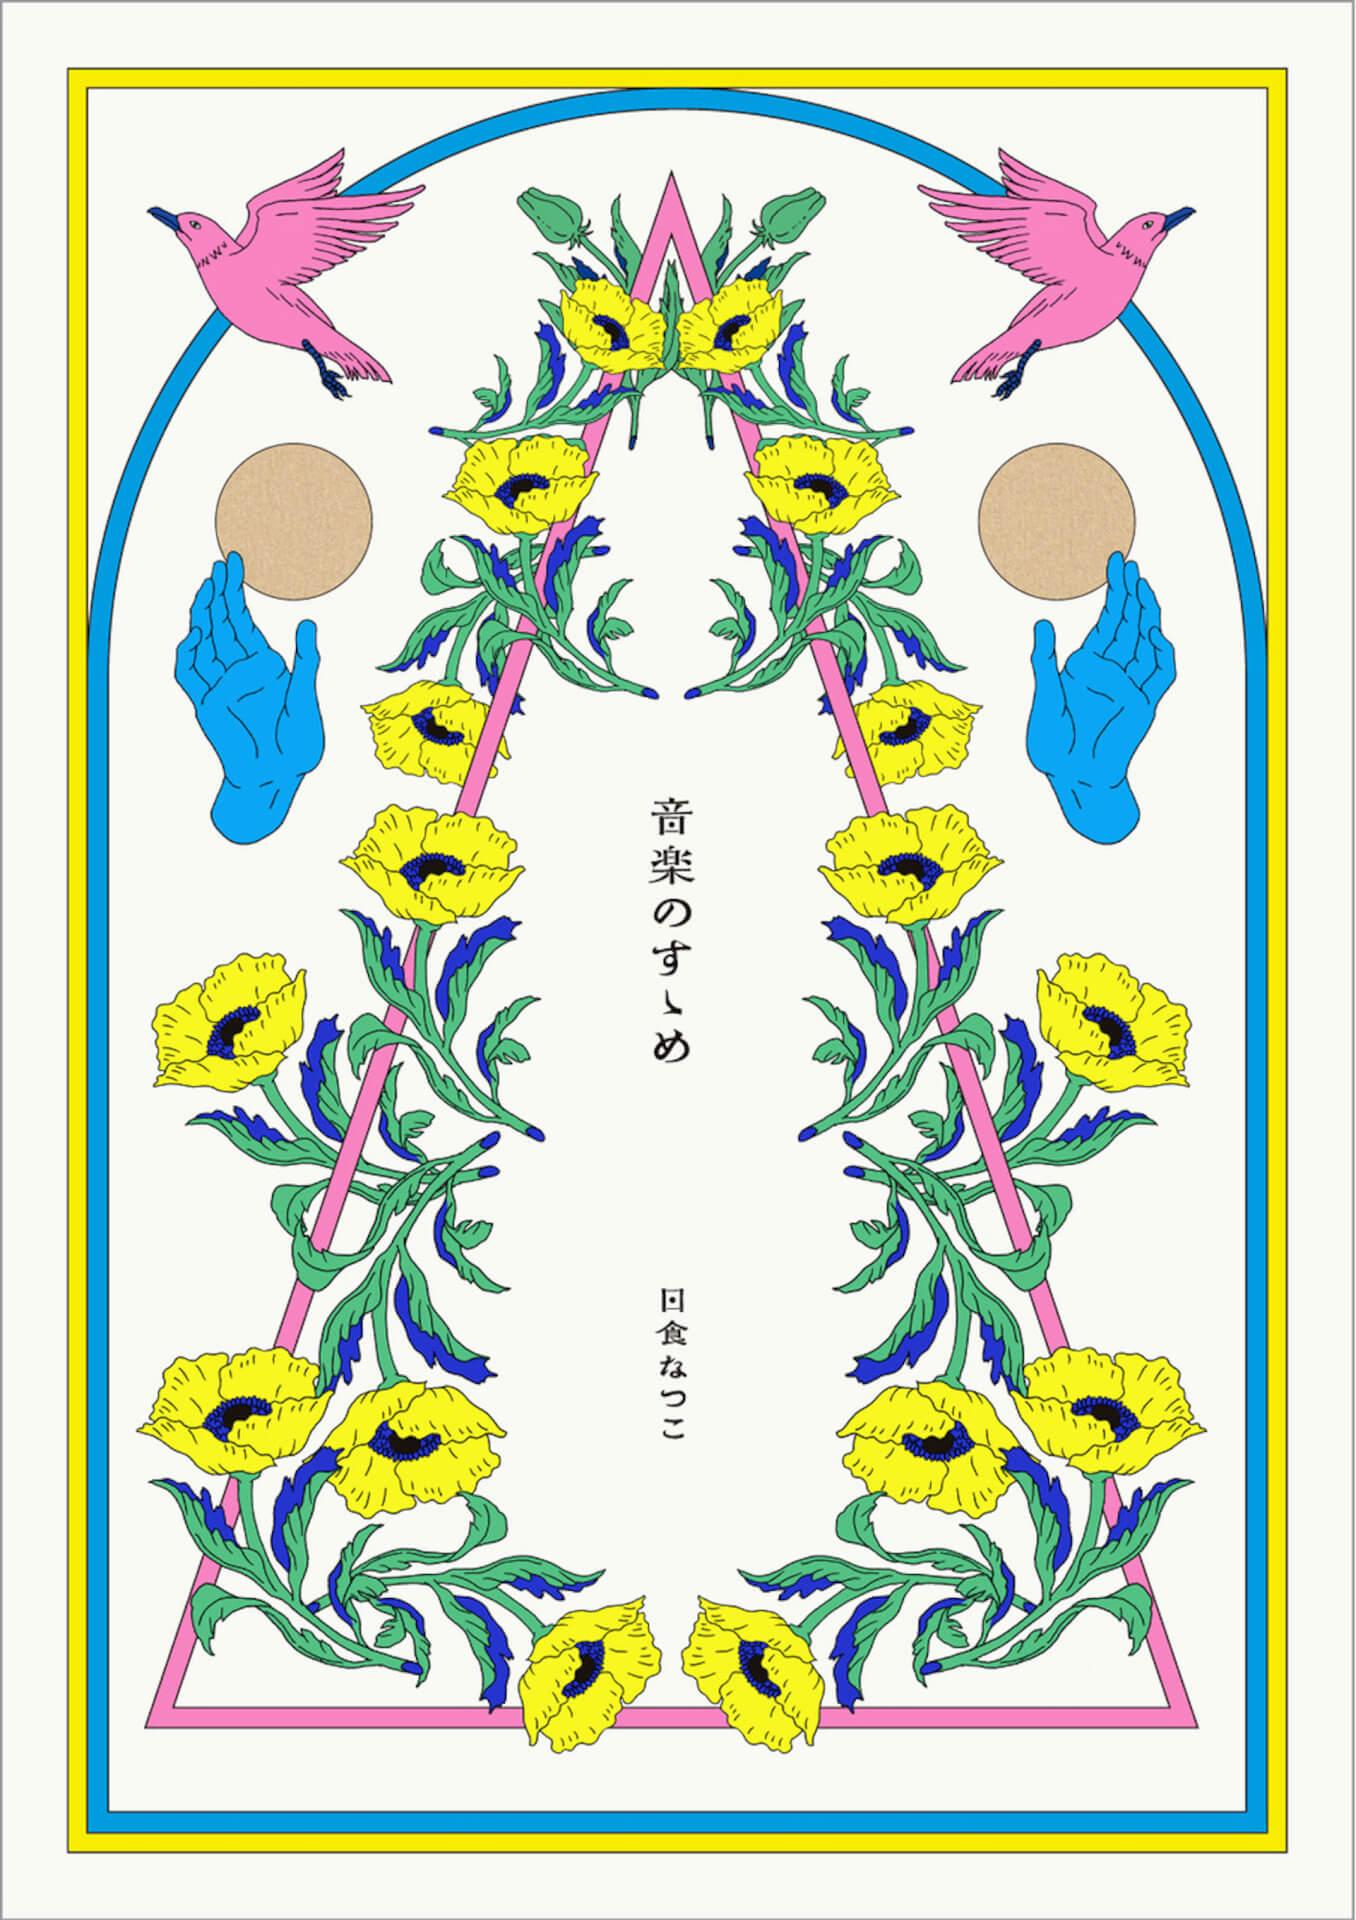 「流されず、変わり続ける」日食なつこが掲げる旗|音楽のすゝめ interview210310_nisshoku-natsuko-011